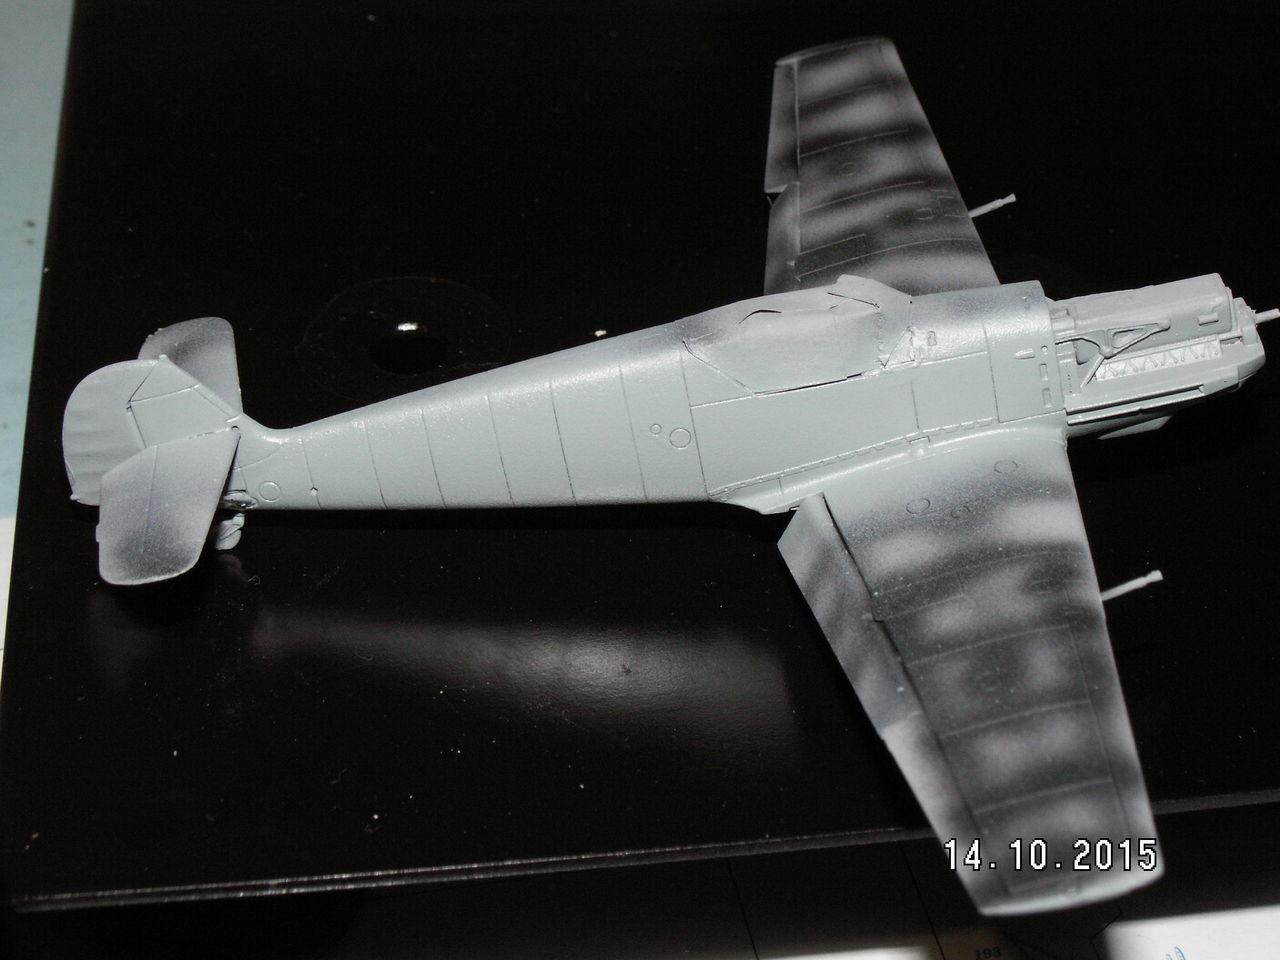 Messerschmitt Bf 109 E-3 / E-4 arfix - Σελίδα 2 PICT0127